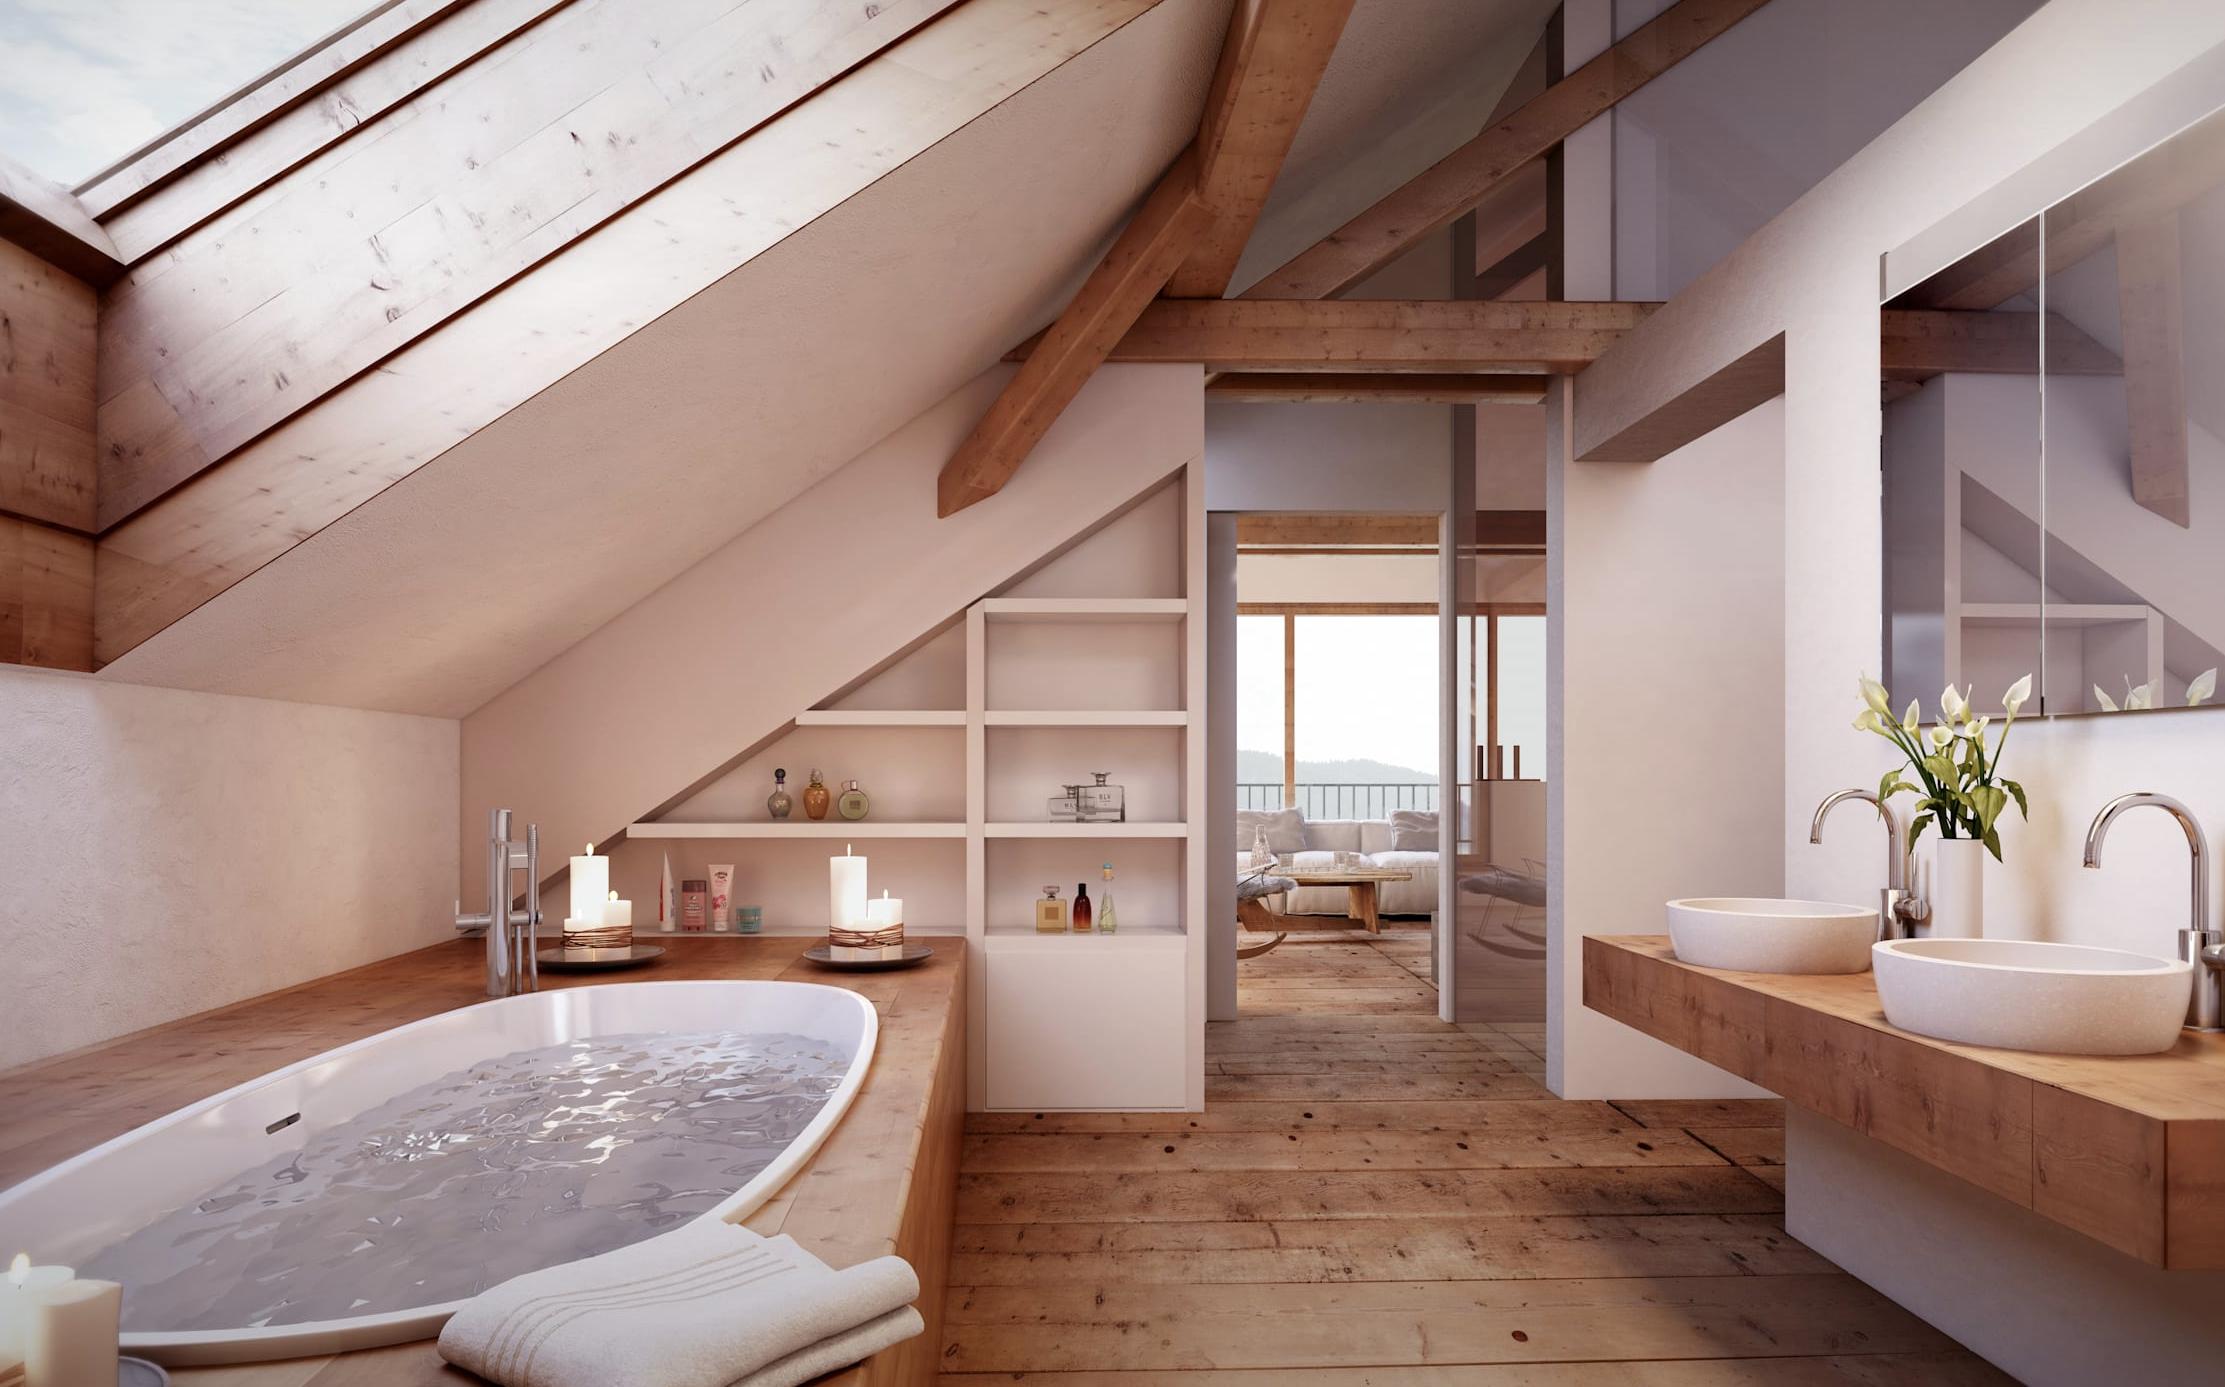 Badideen für kleine räume so viel kostet dein traumbad  wohnraum  pinterest  baños cuarto